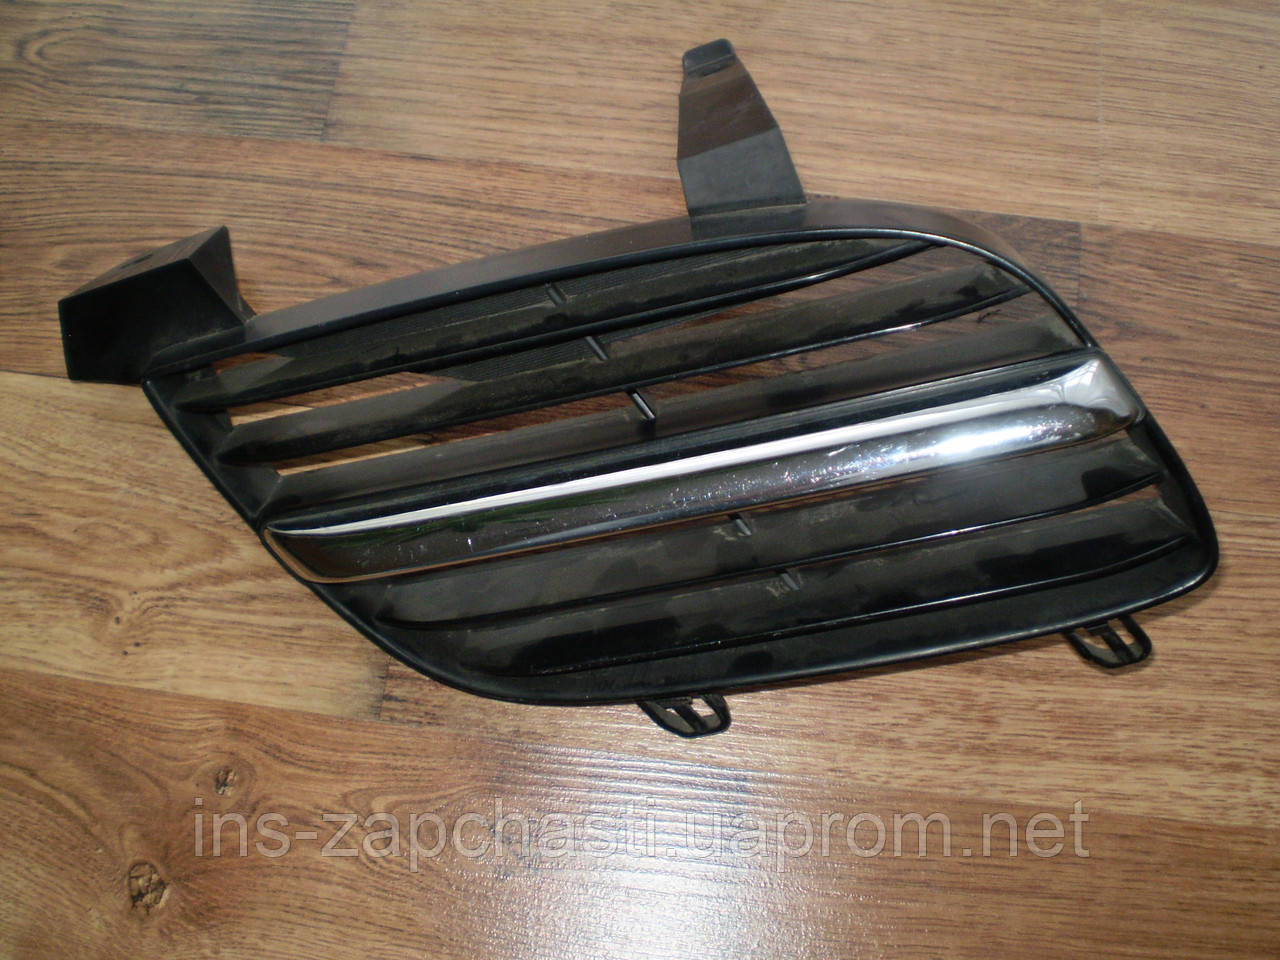 Решетка радиатора правая 62322 BM400 Nissan Primera P12 2000-2006